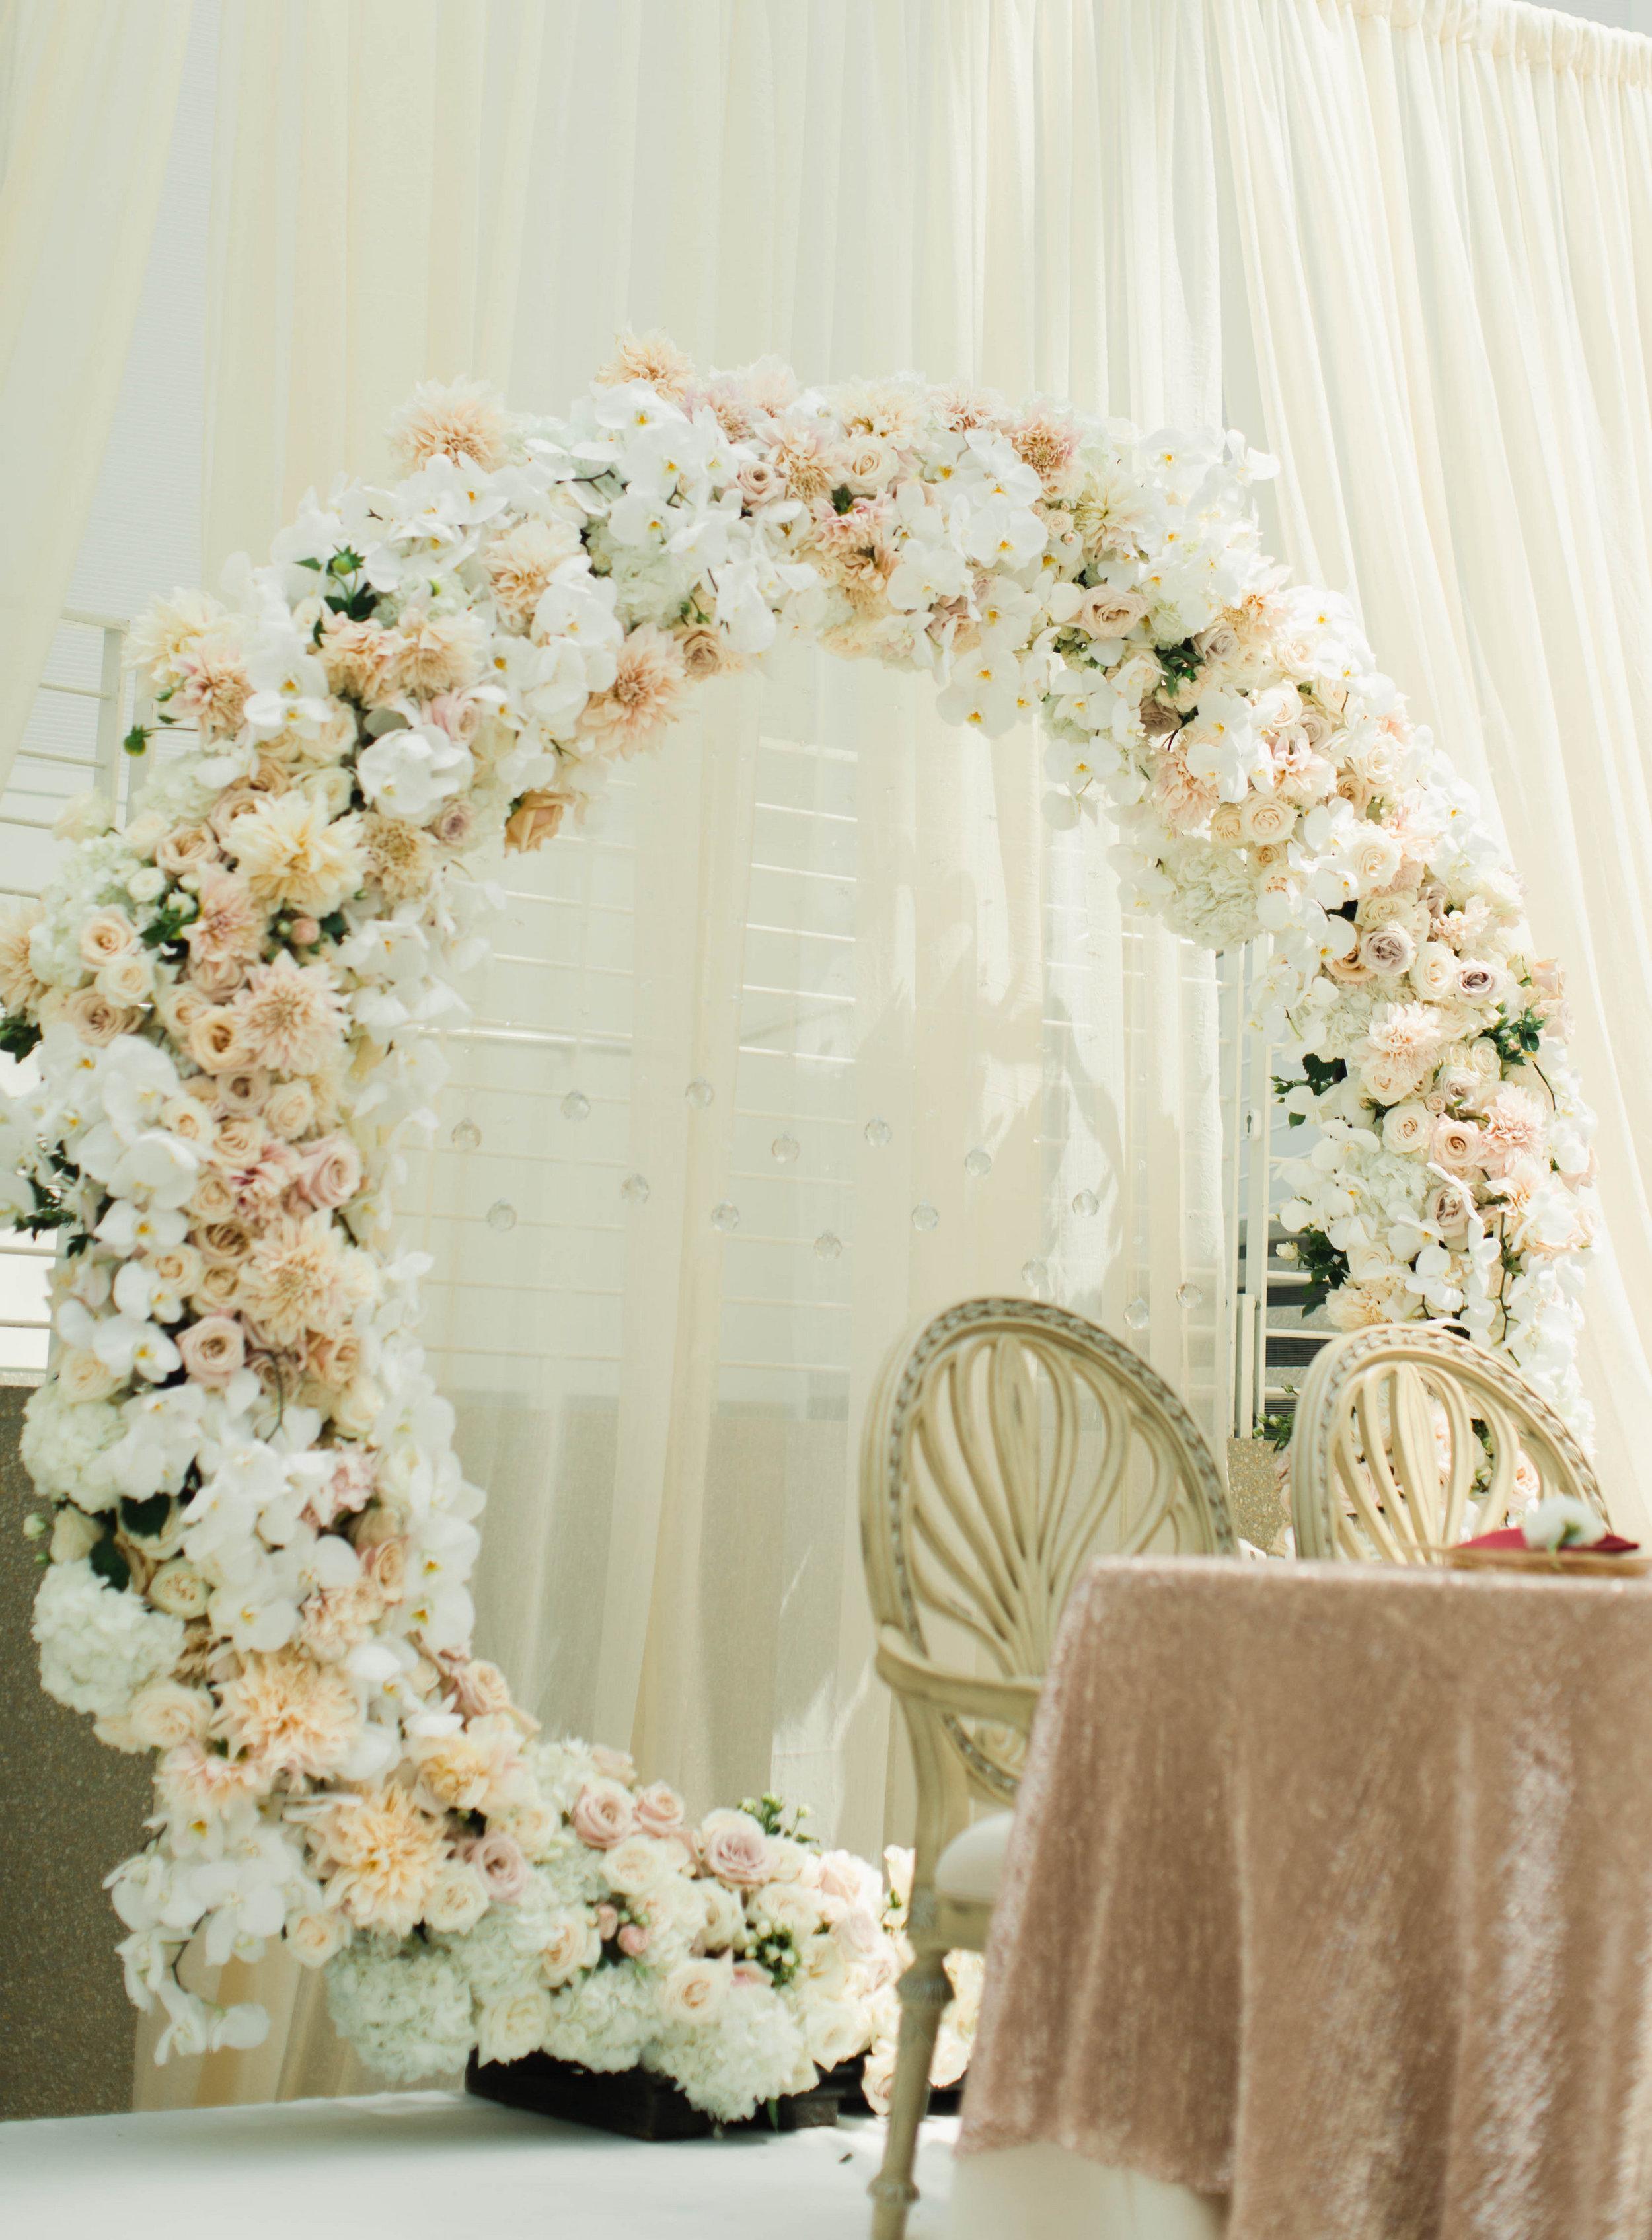 Vo Floral Design_SF Bay Area Florist_San Jose florist_CityHa-0003.jpg